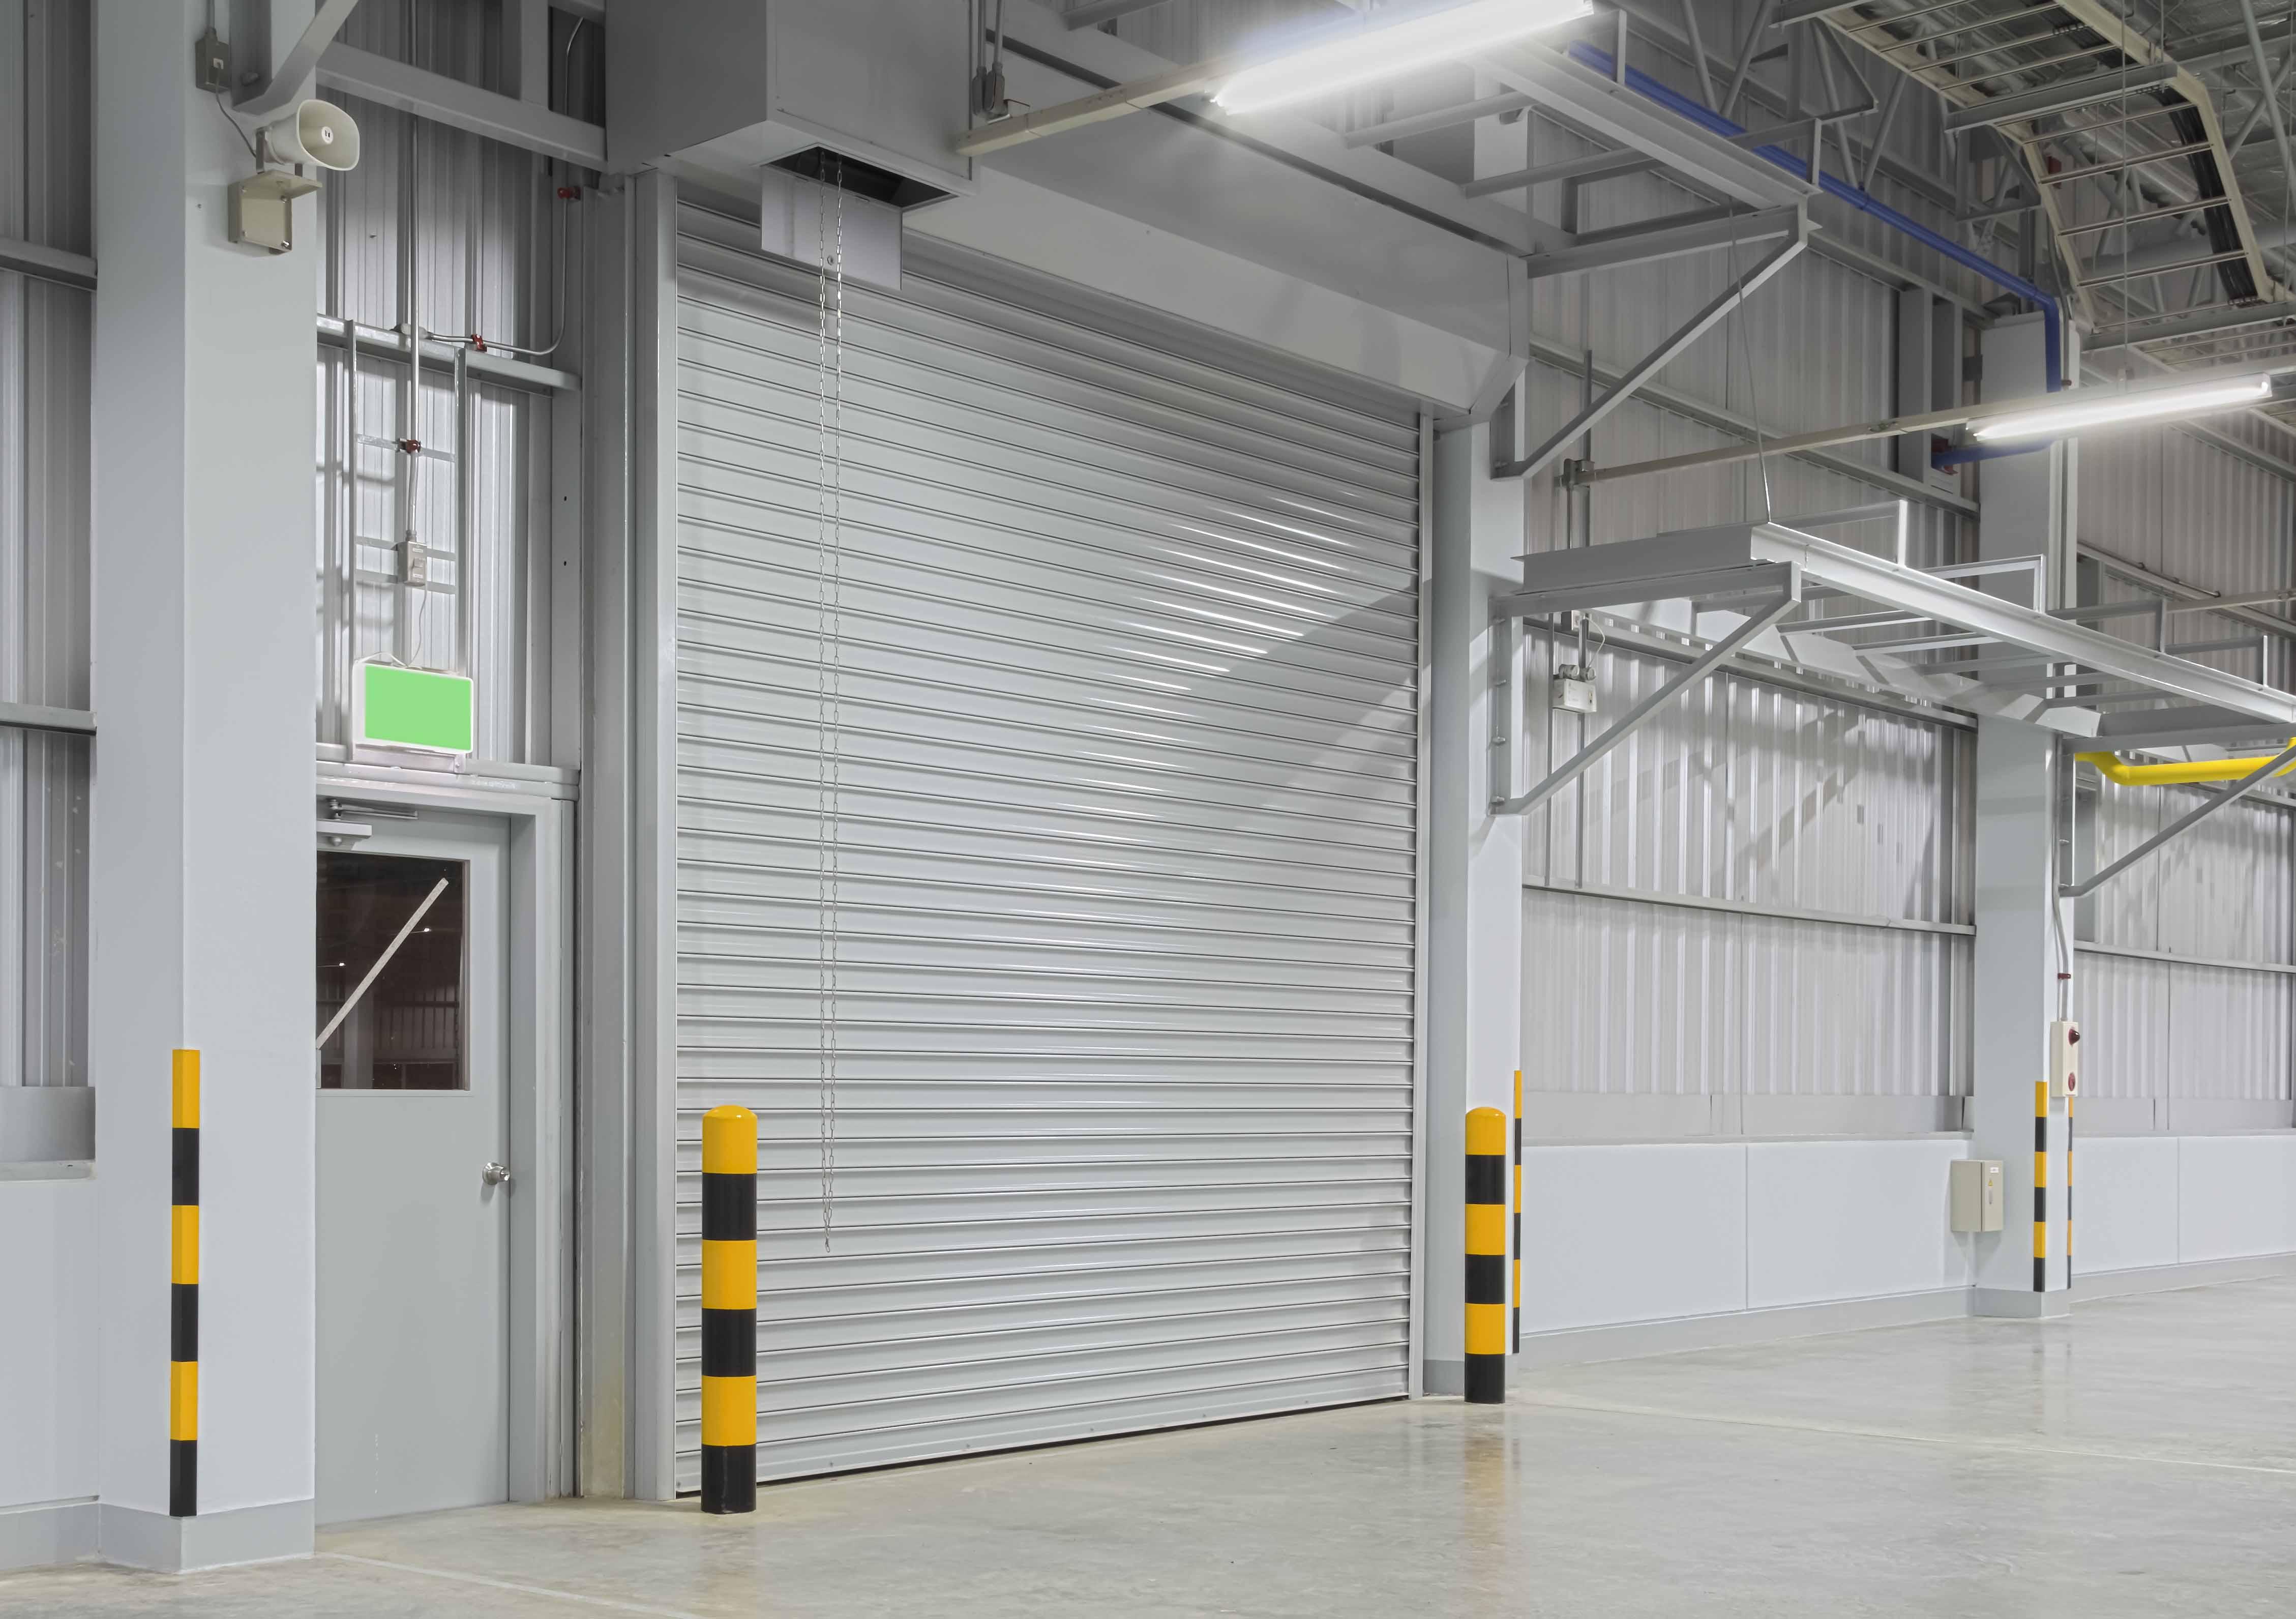 3183 #B88A13 Custom Garage Door Installation In Dallas Ft Worth Garage Door Install wallpaper Overhead Doors Dallas 36554515